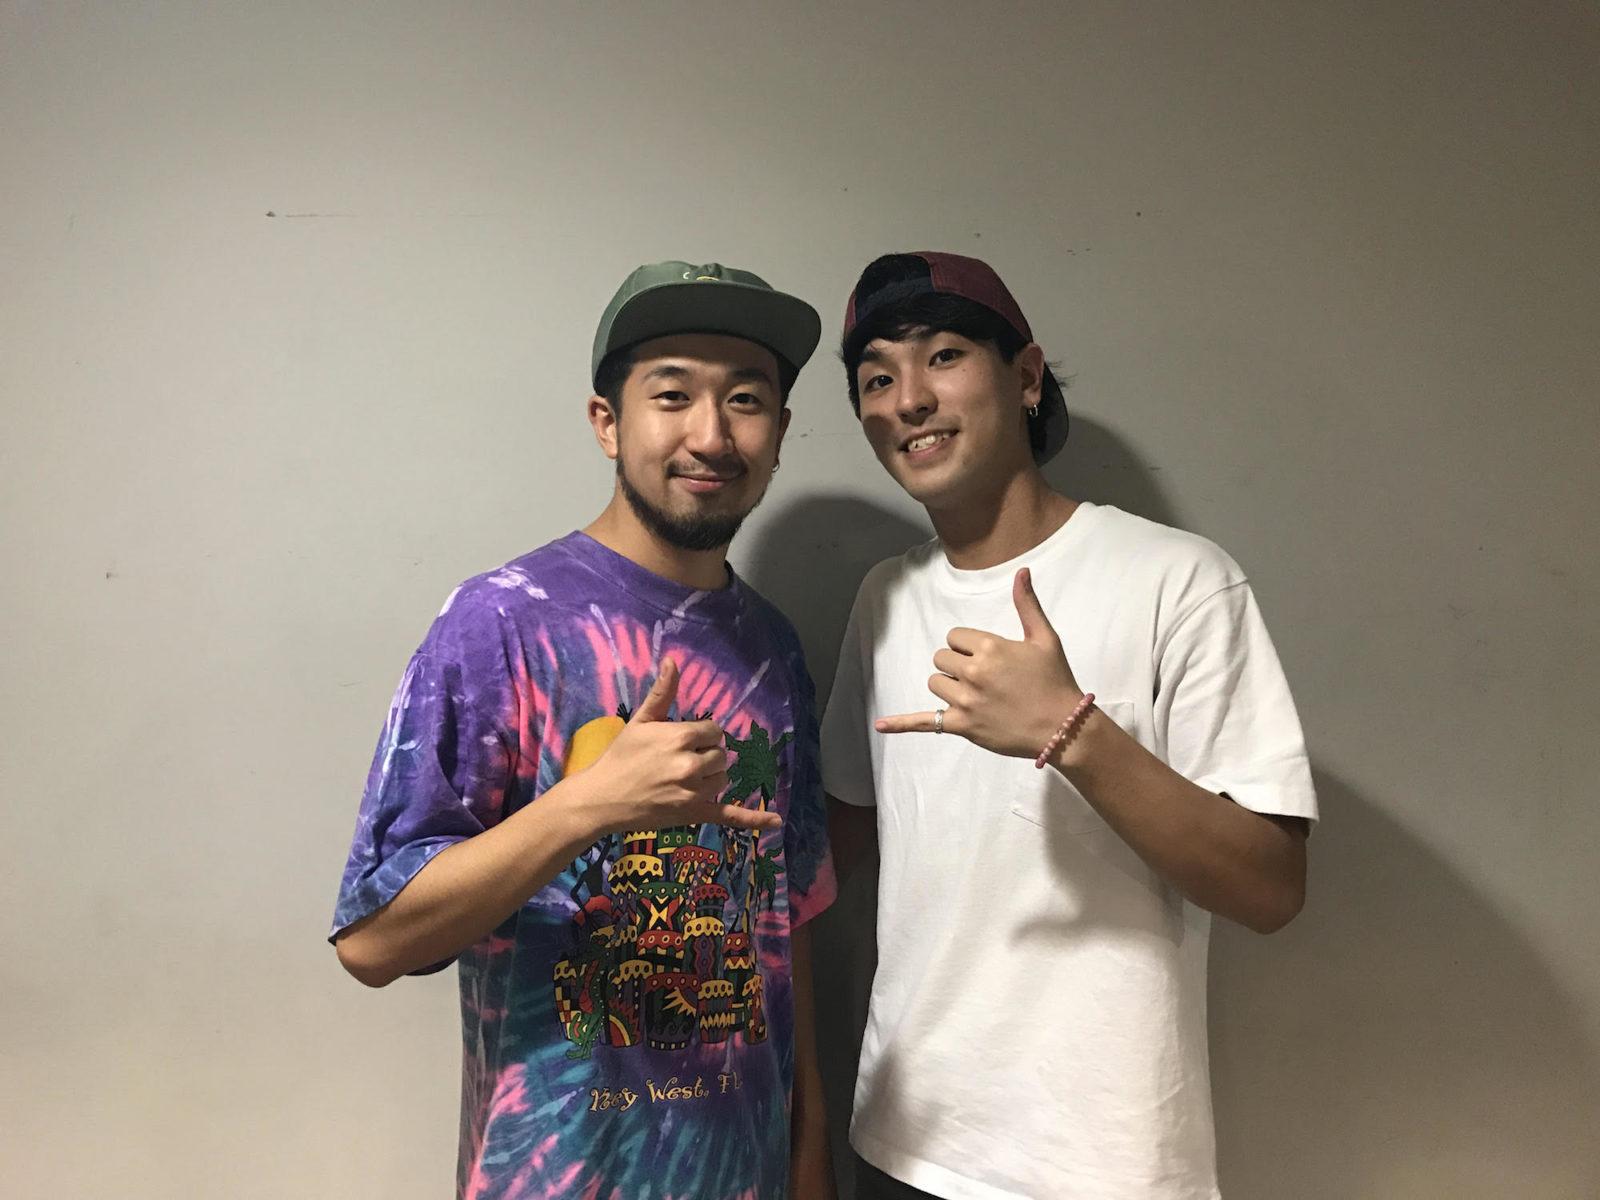 Sky's The Limitヴォーカル・山本卓司とウクレレシンガー・KAIKIがデビュー後初のステージ共演サムネイル画像